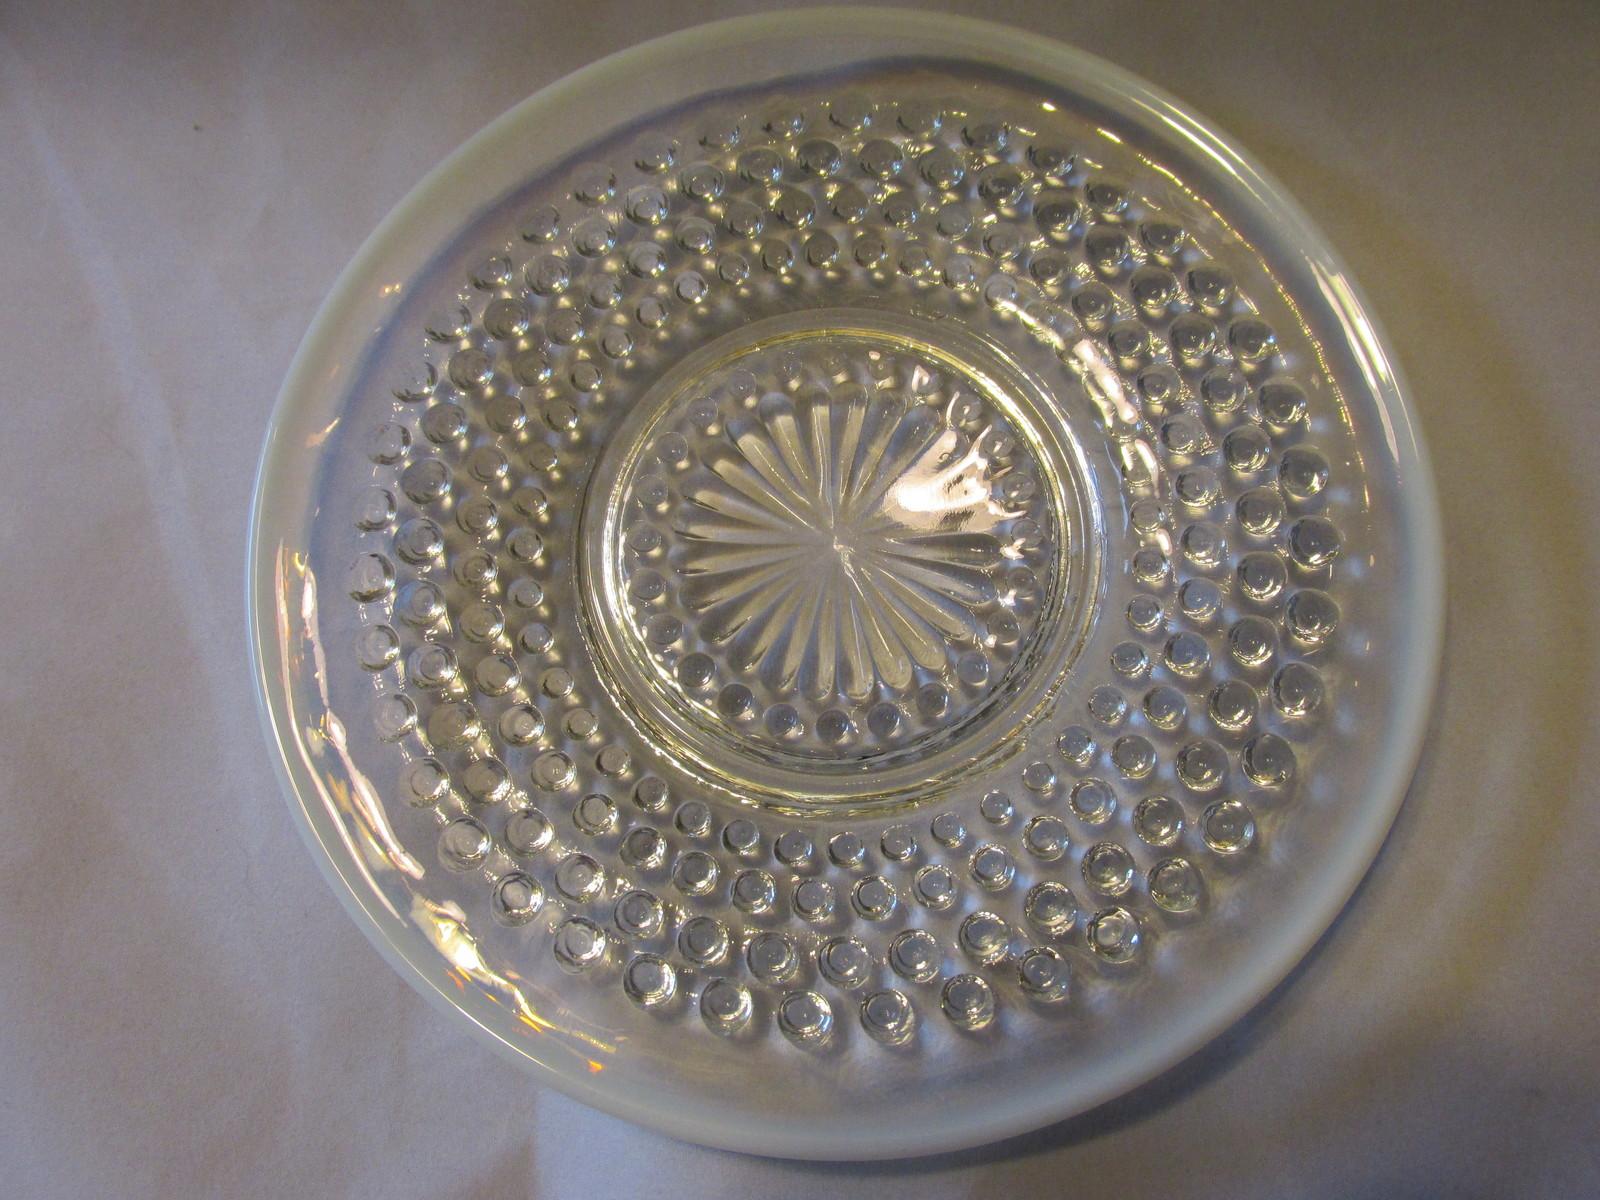 Vintage Moonstone Opalescent Hobnail Cup & Saucer - Anchor Hocking, 1941-1946 image 4